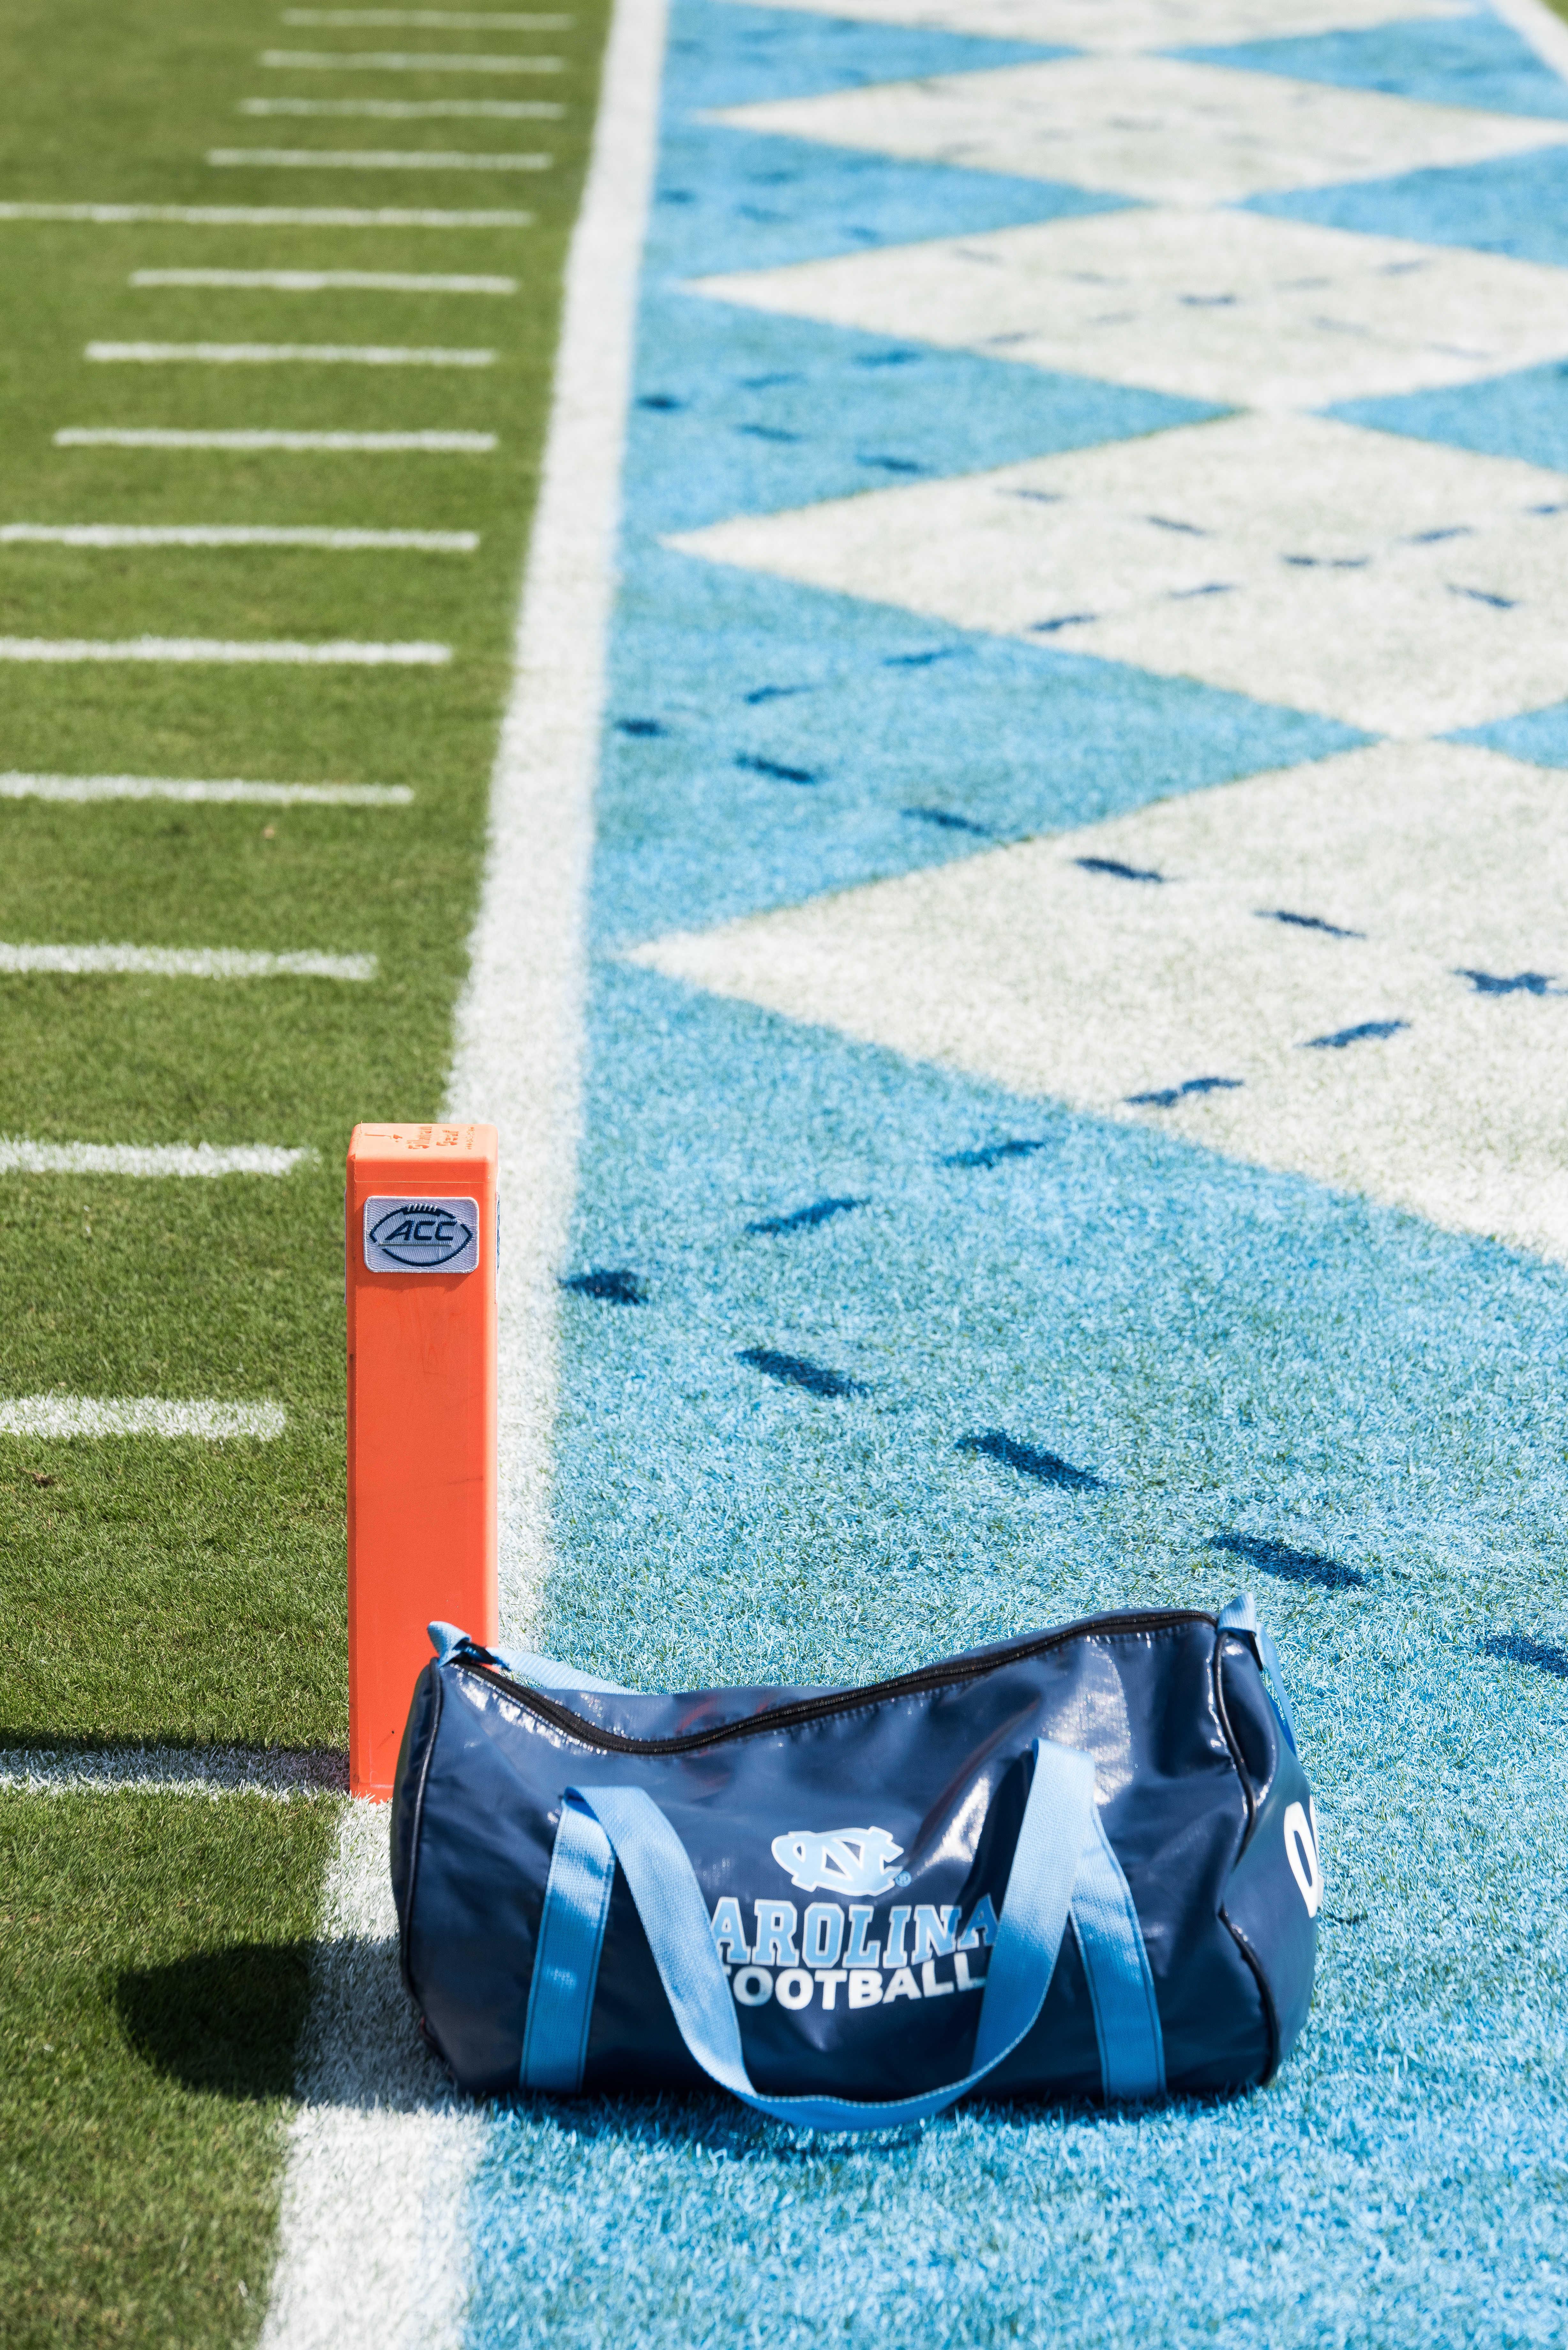 NCAA FOOTBALL: SEP 24 Pitt at North Carolina